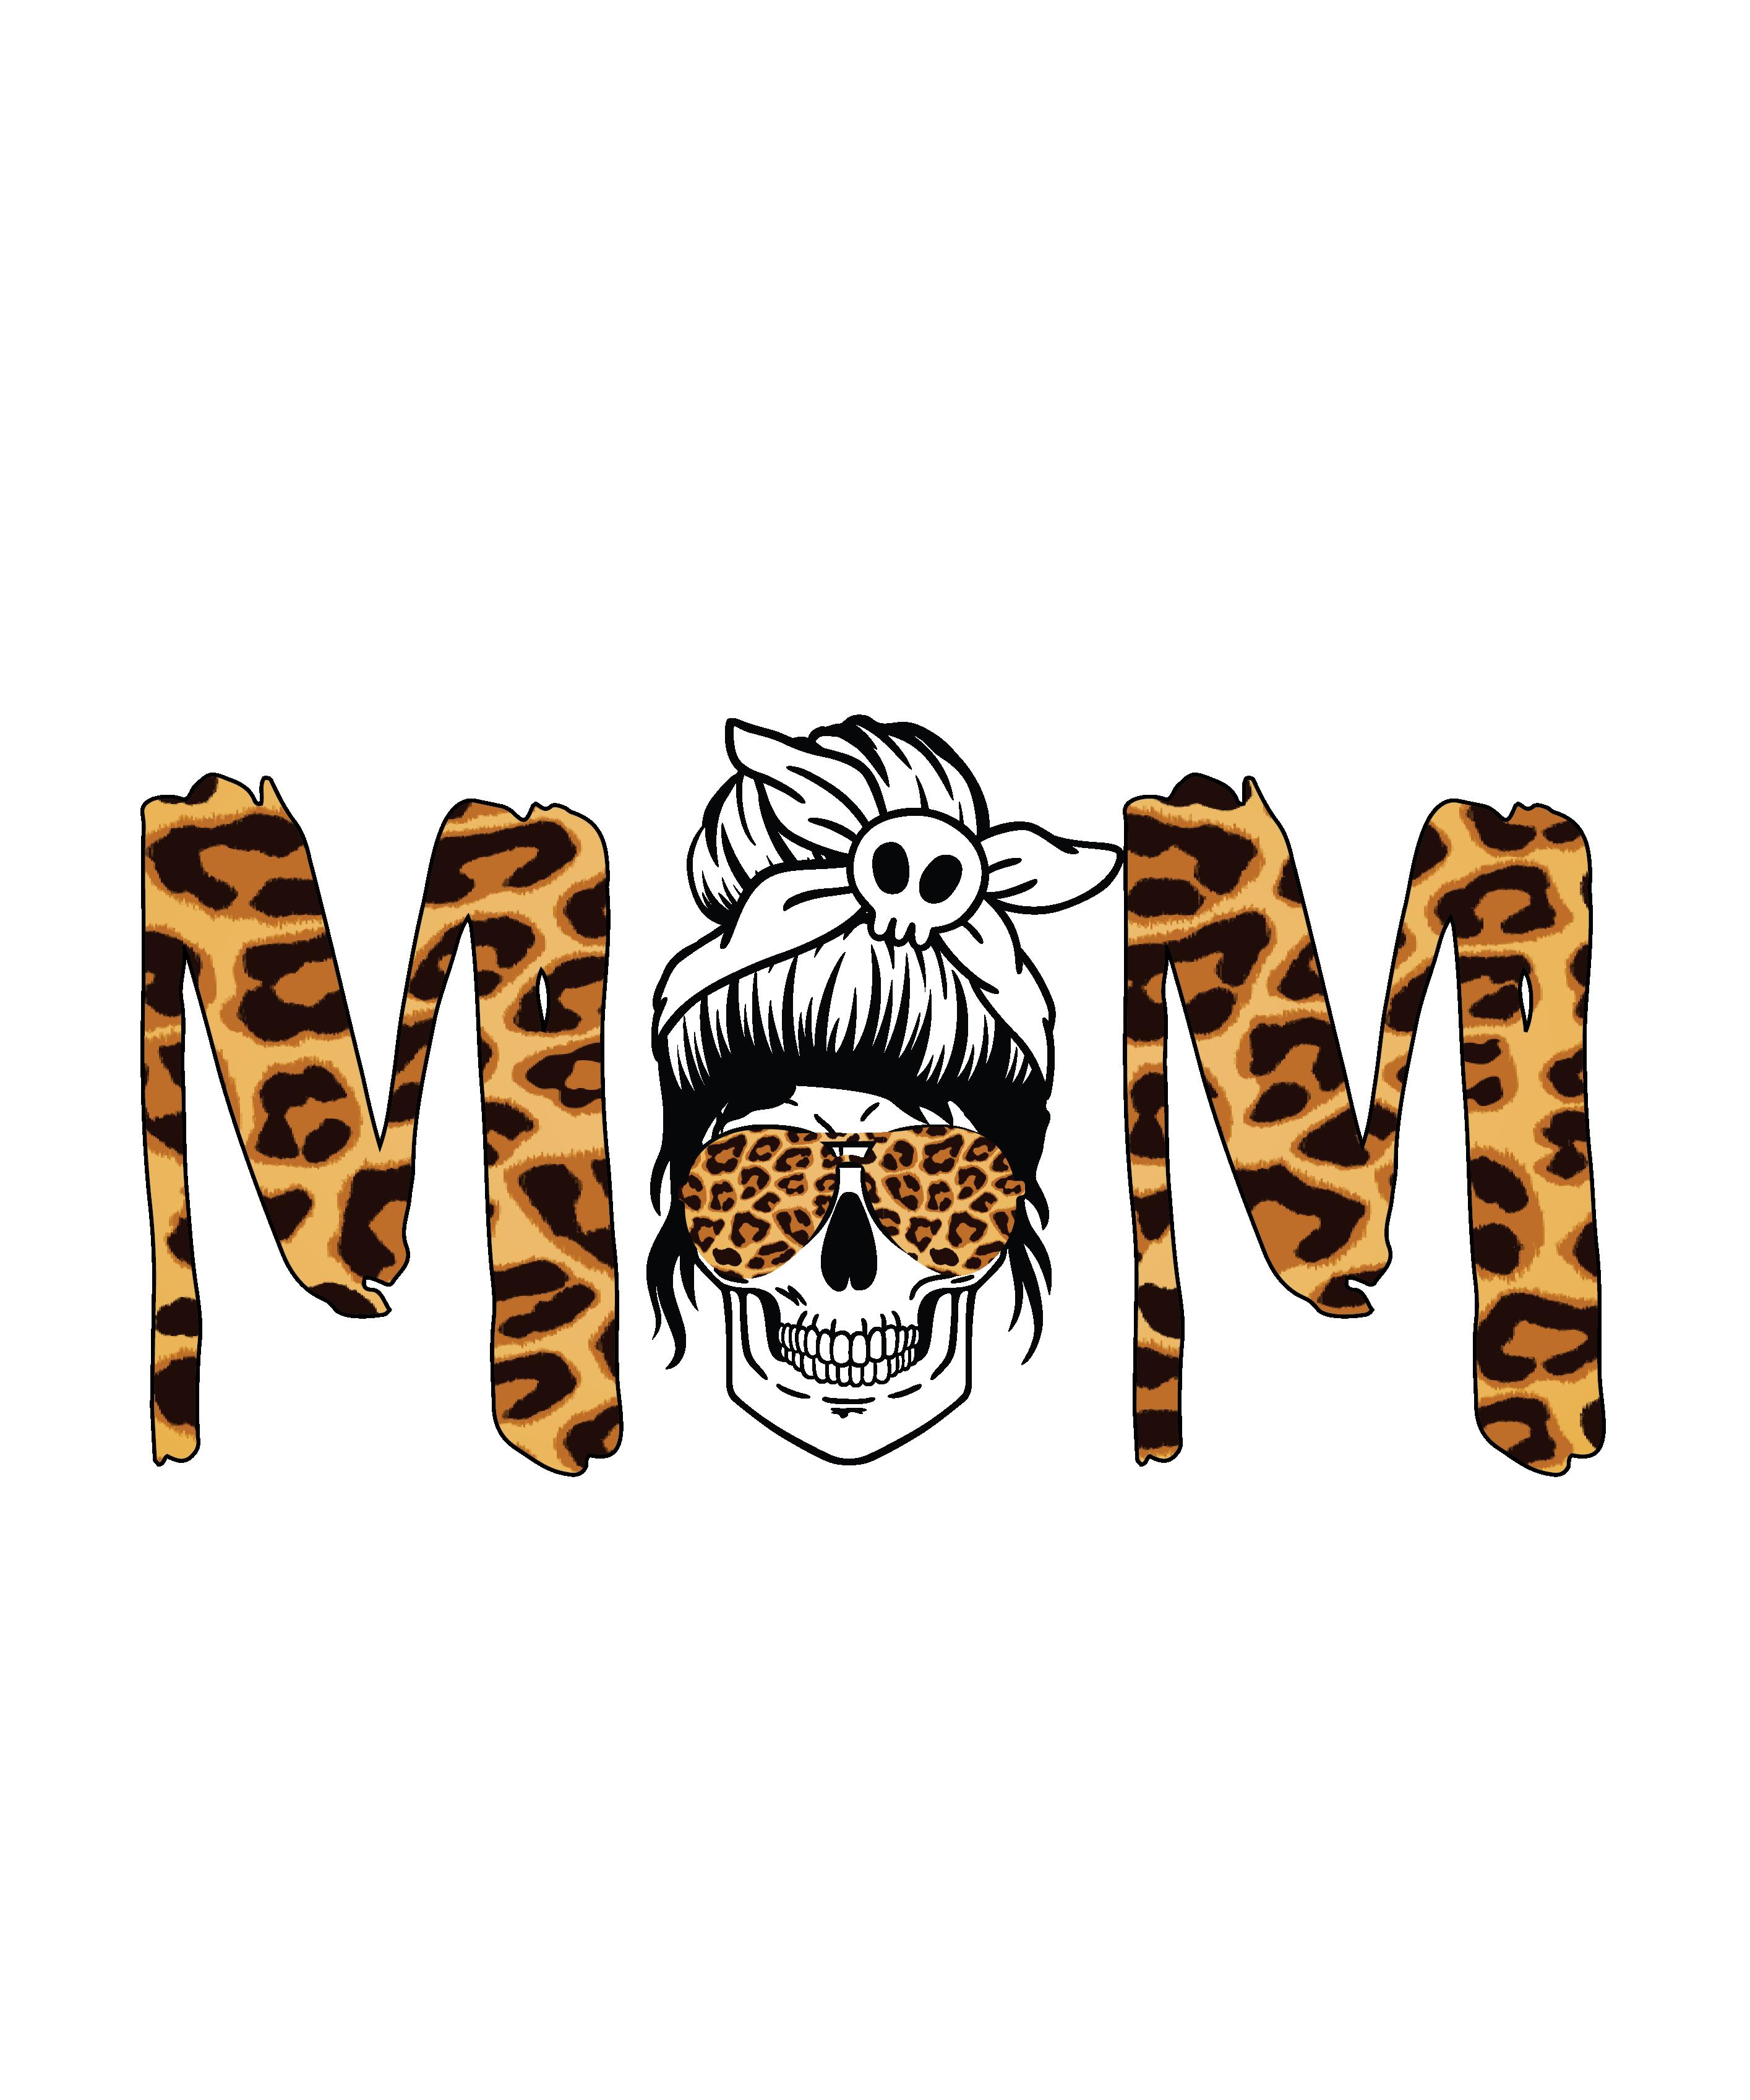 Mskullm2